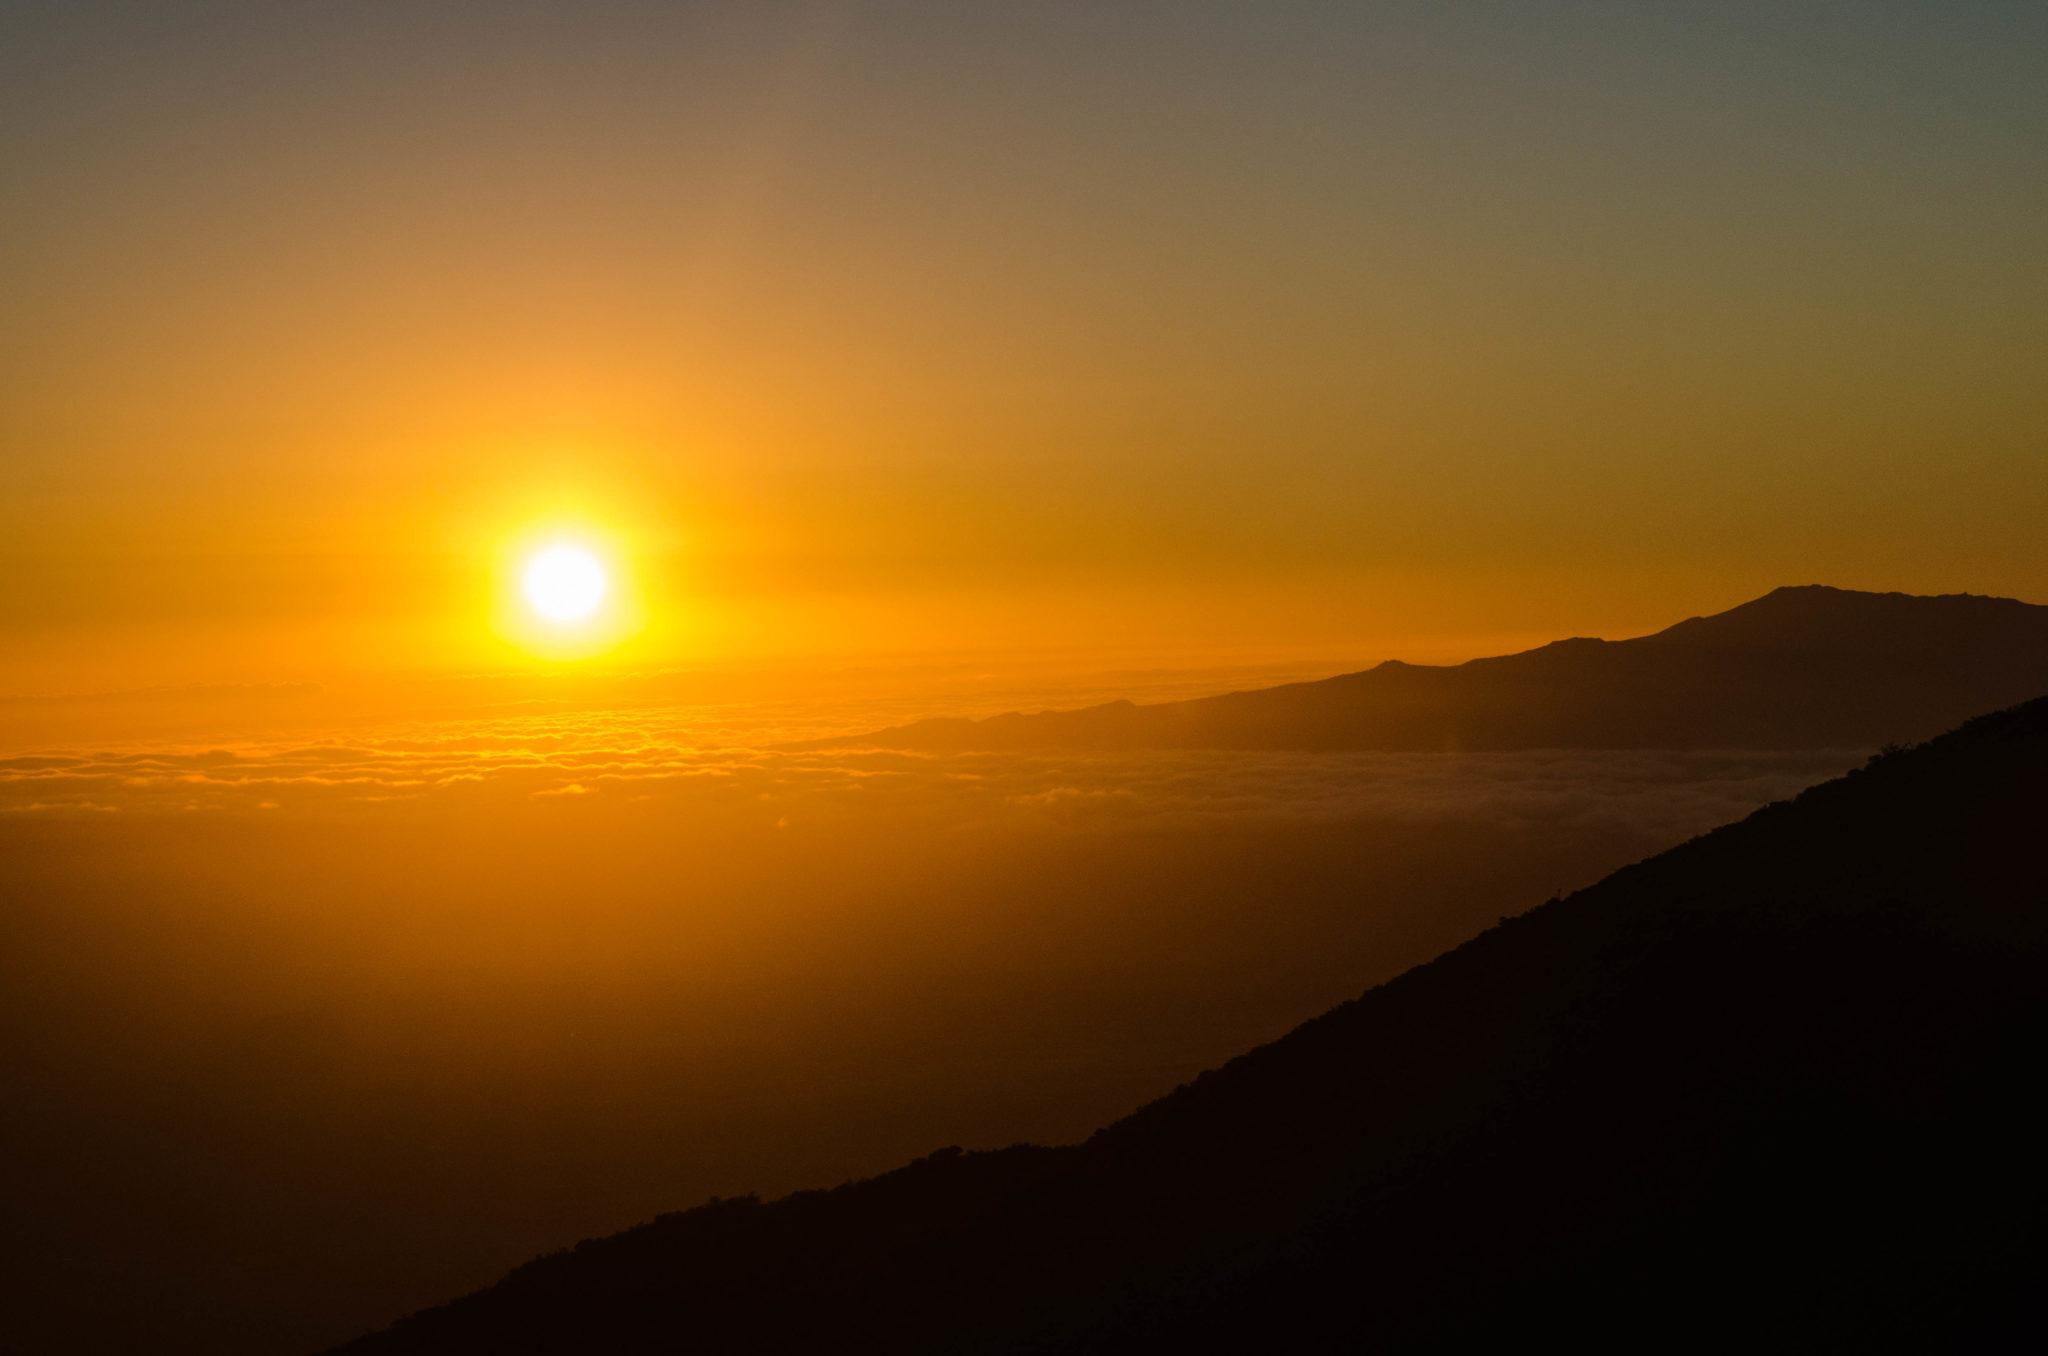 Sehenswürdigkeiten Hawaii: Die Sonnenuntergänge auf Hawaii sind einmalig